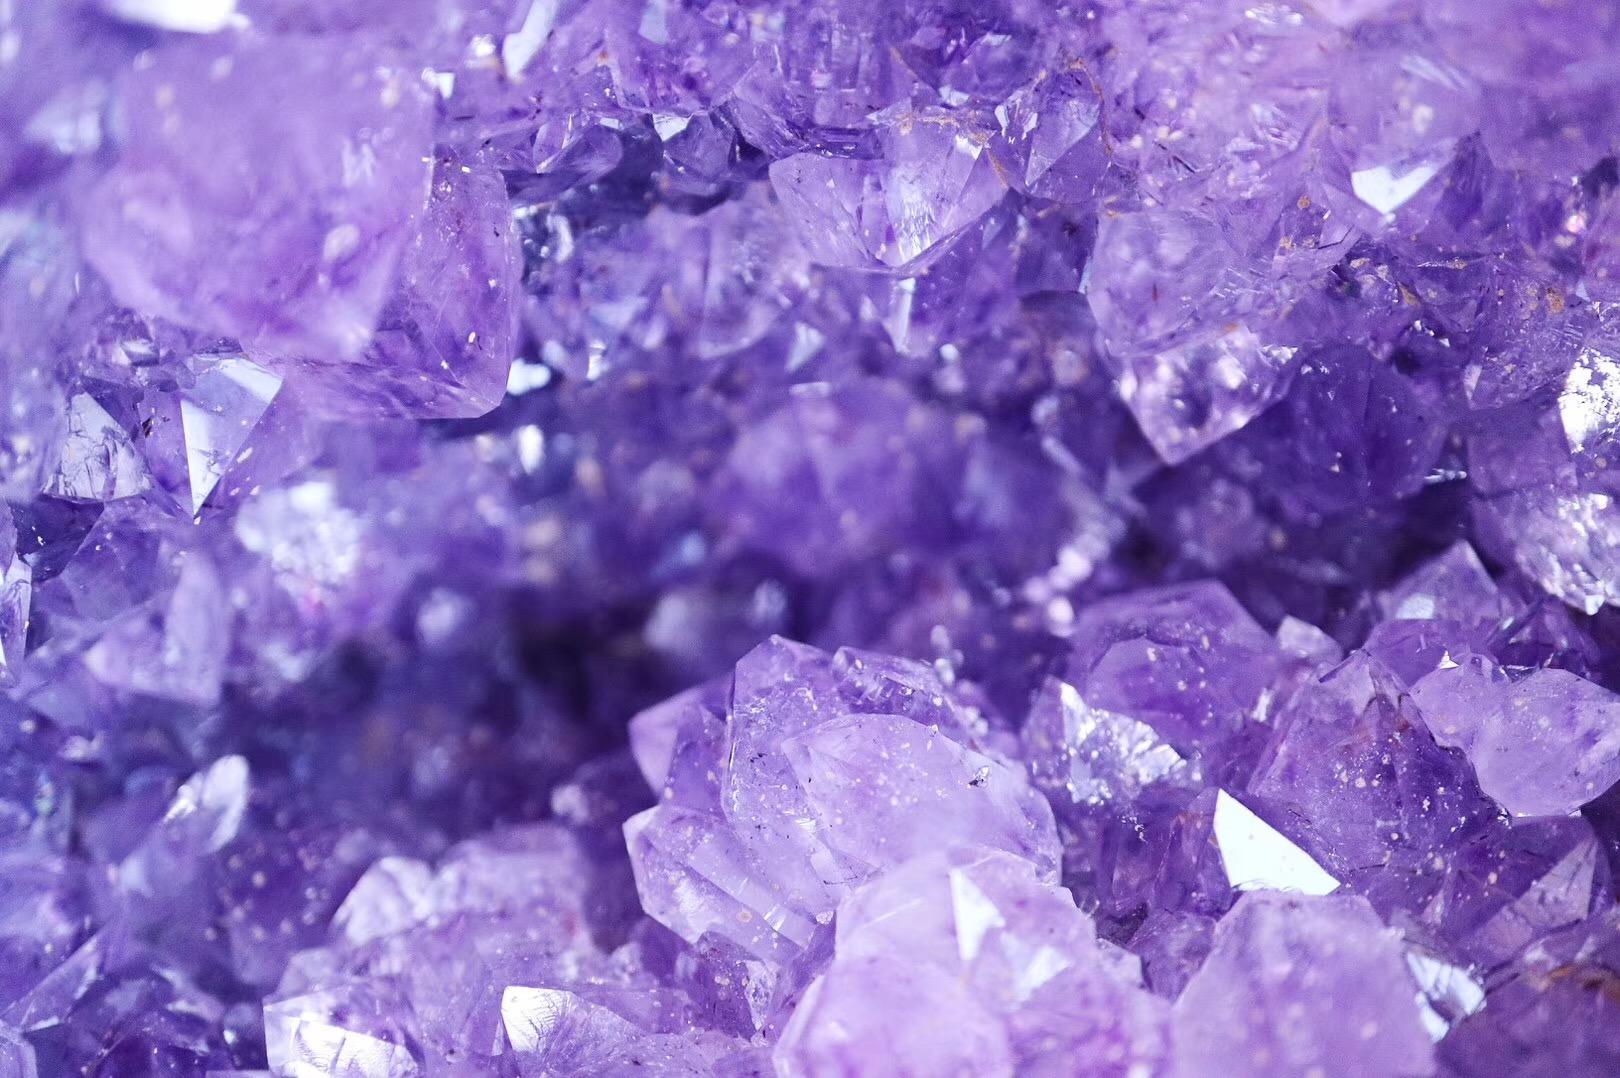 【菩心-紫晶洞客订】无论拳王还是首富,他们都钟爱紫晶洞、紫晶簇助事业-菩心晶舍